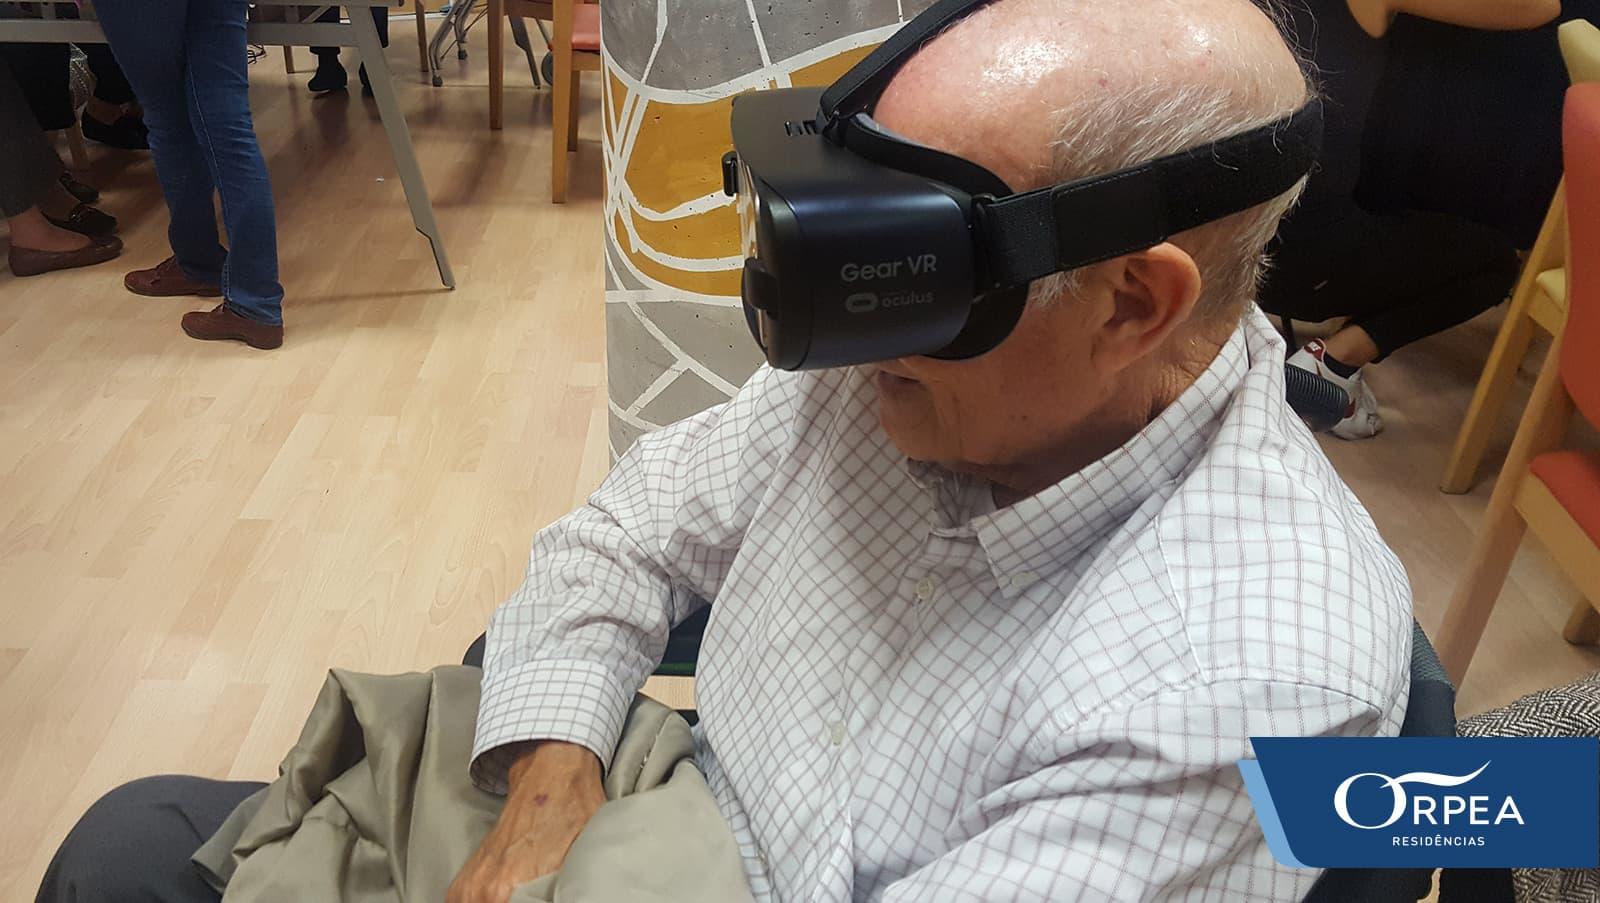 realidade virtual orpea